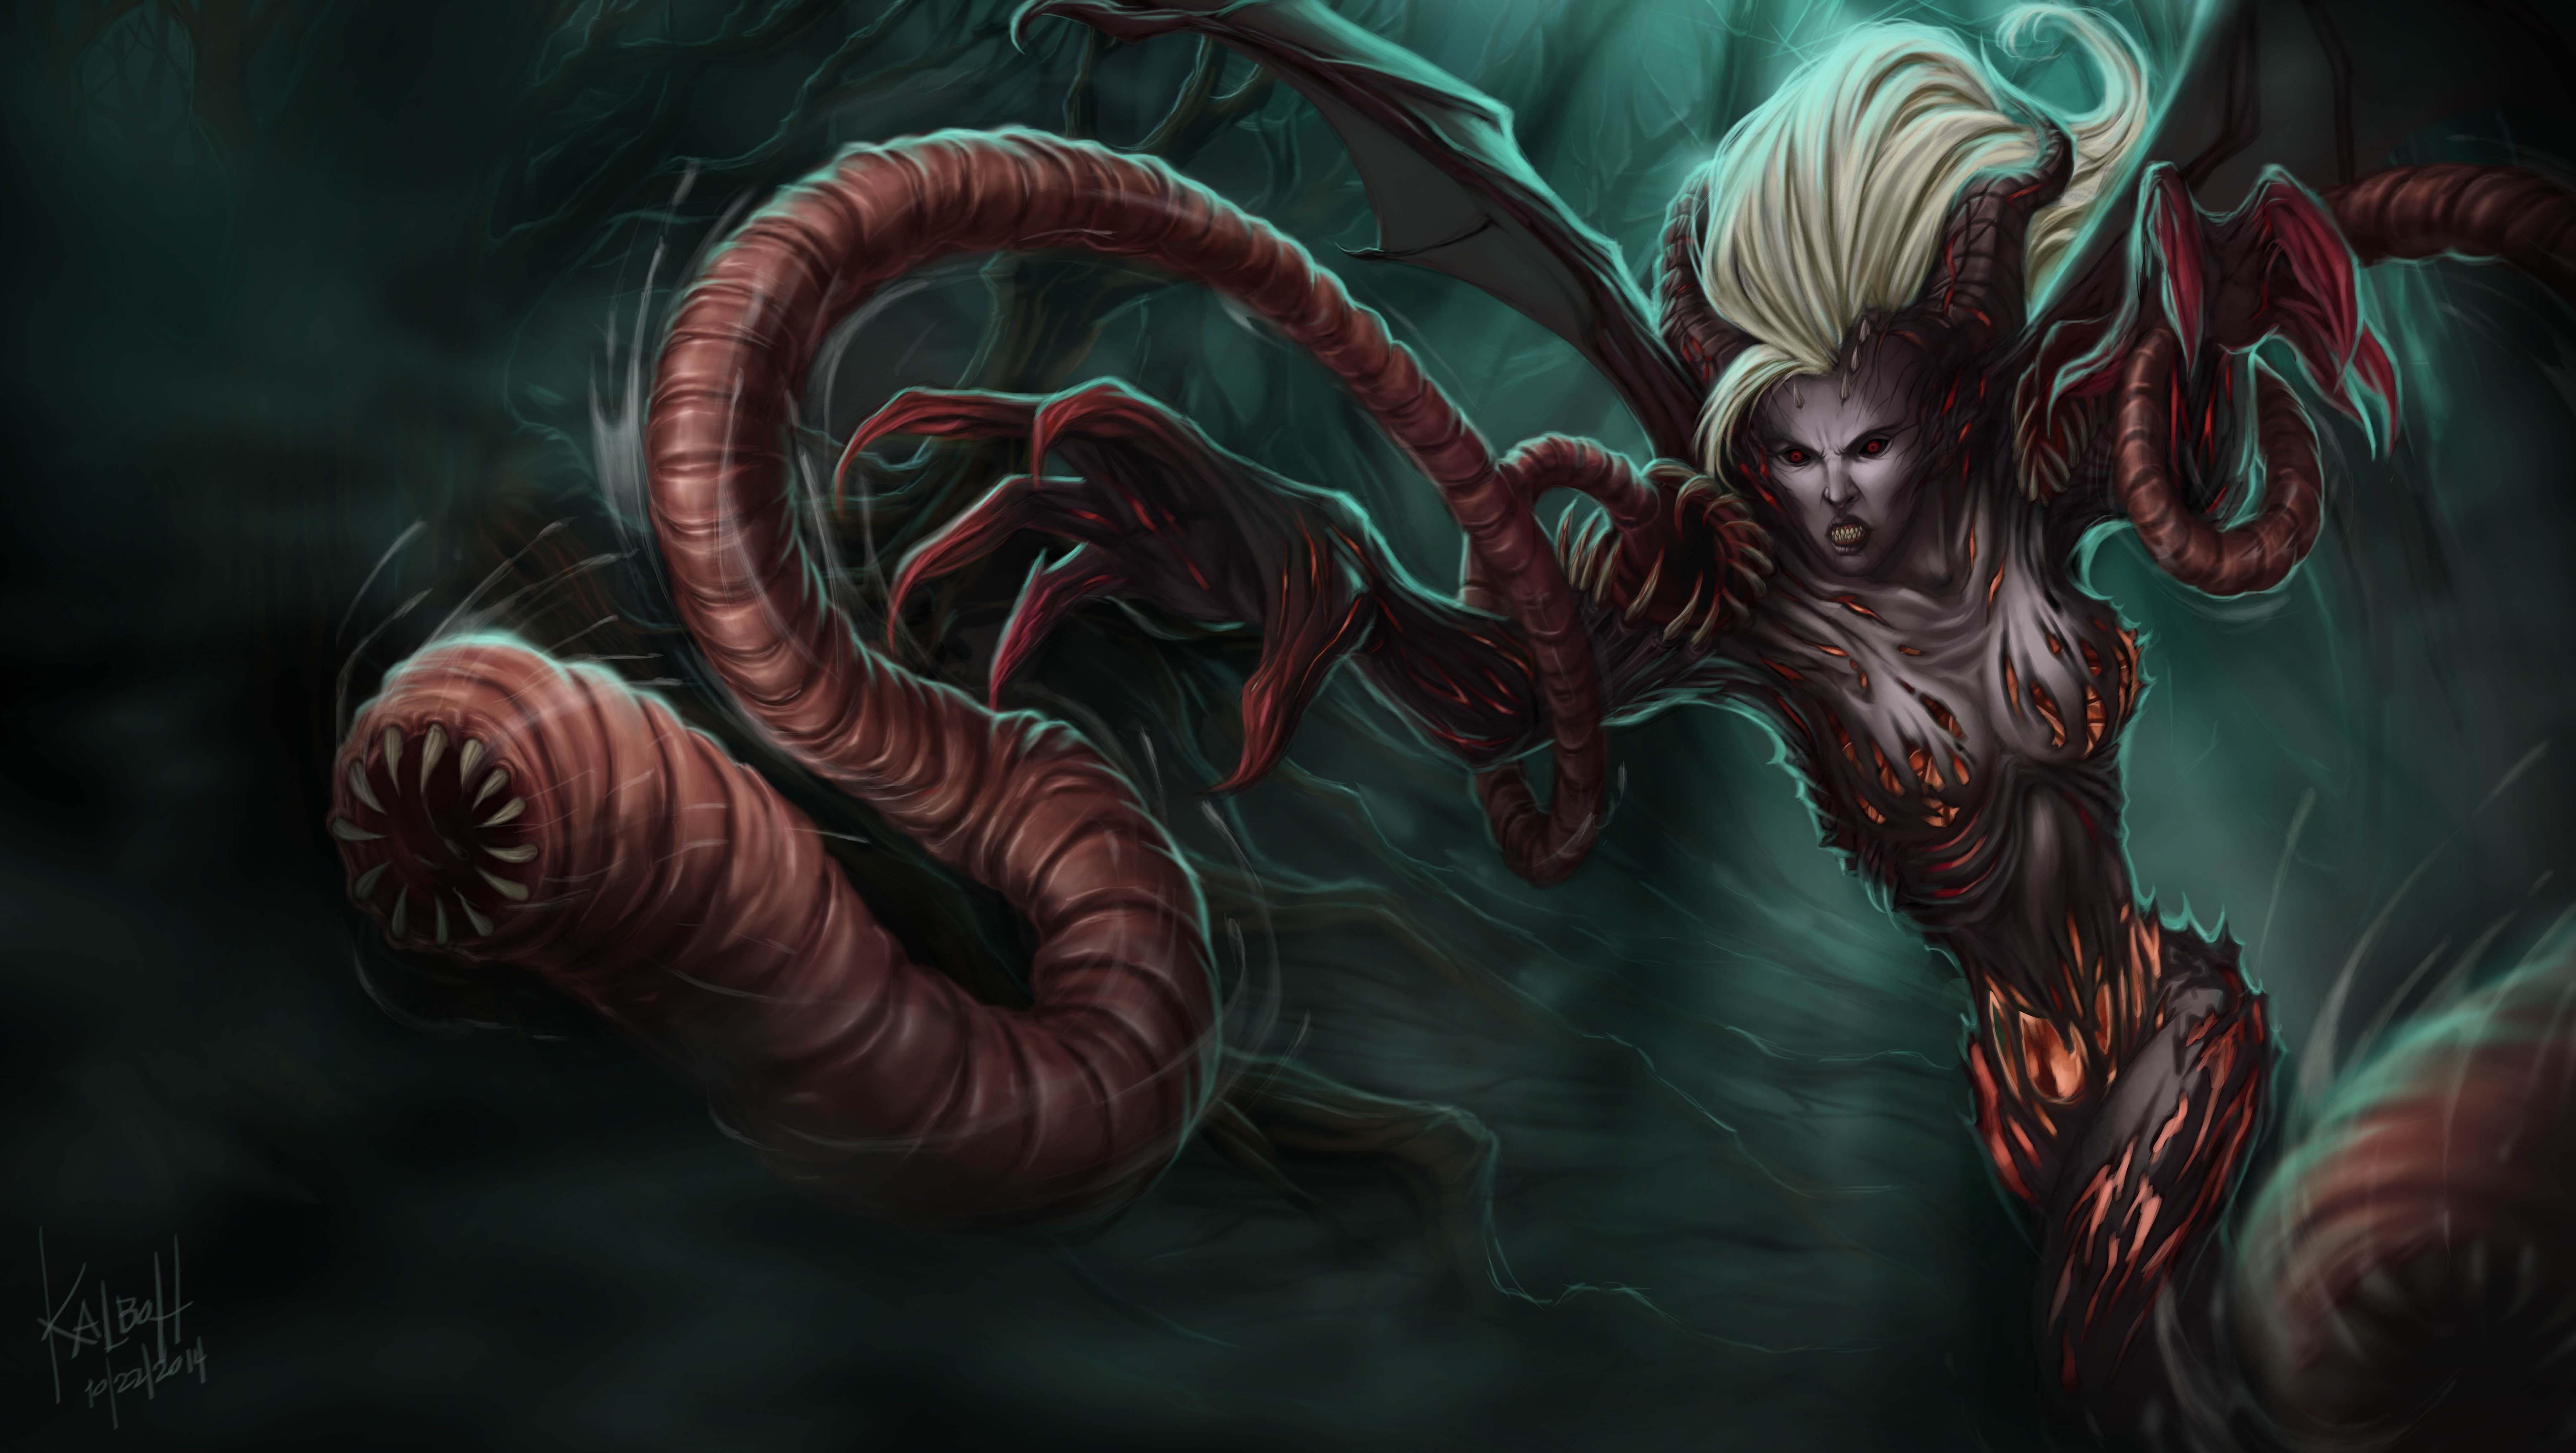 League of Legends Fan art Monstrous Zyra by Jepoykalboh